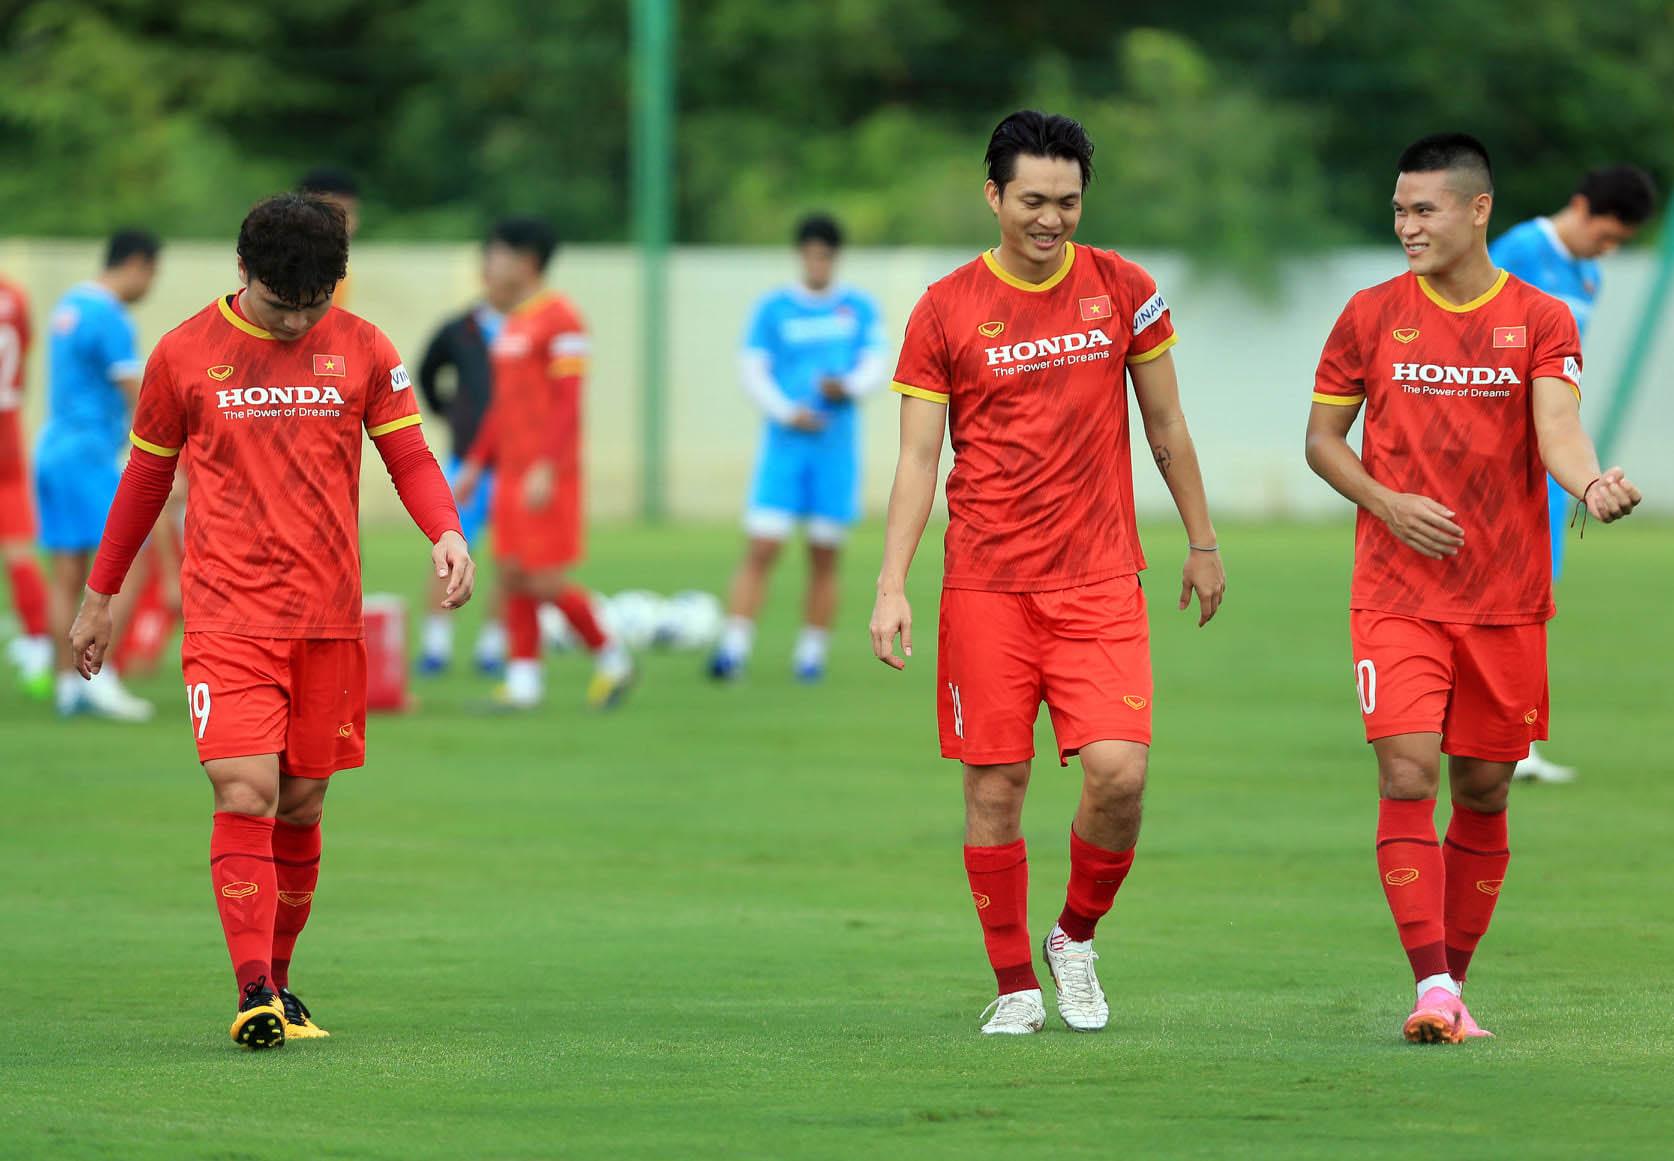 Đội tuyển Việt Nam trở lại tập luyện, hướng tới trận đấu với đội tuyển Trung Quốc và Oman -1